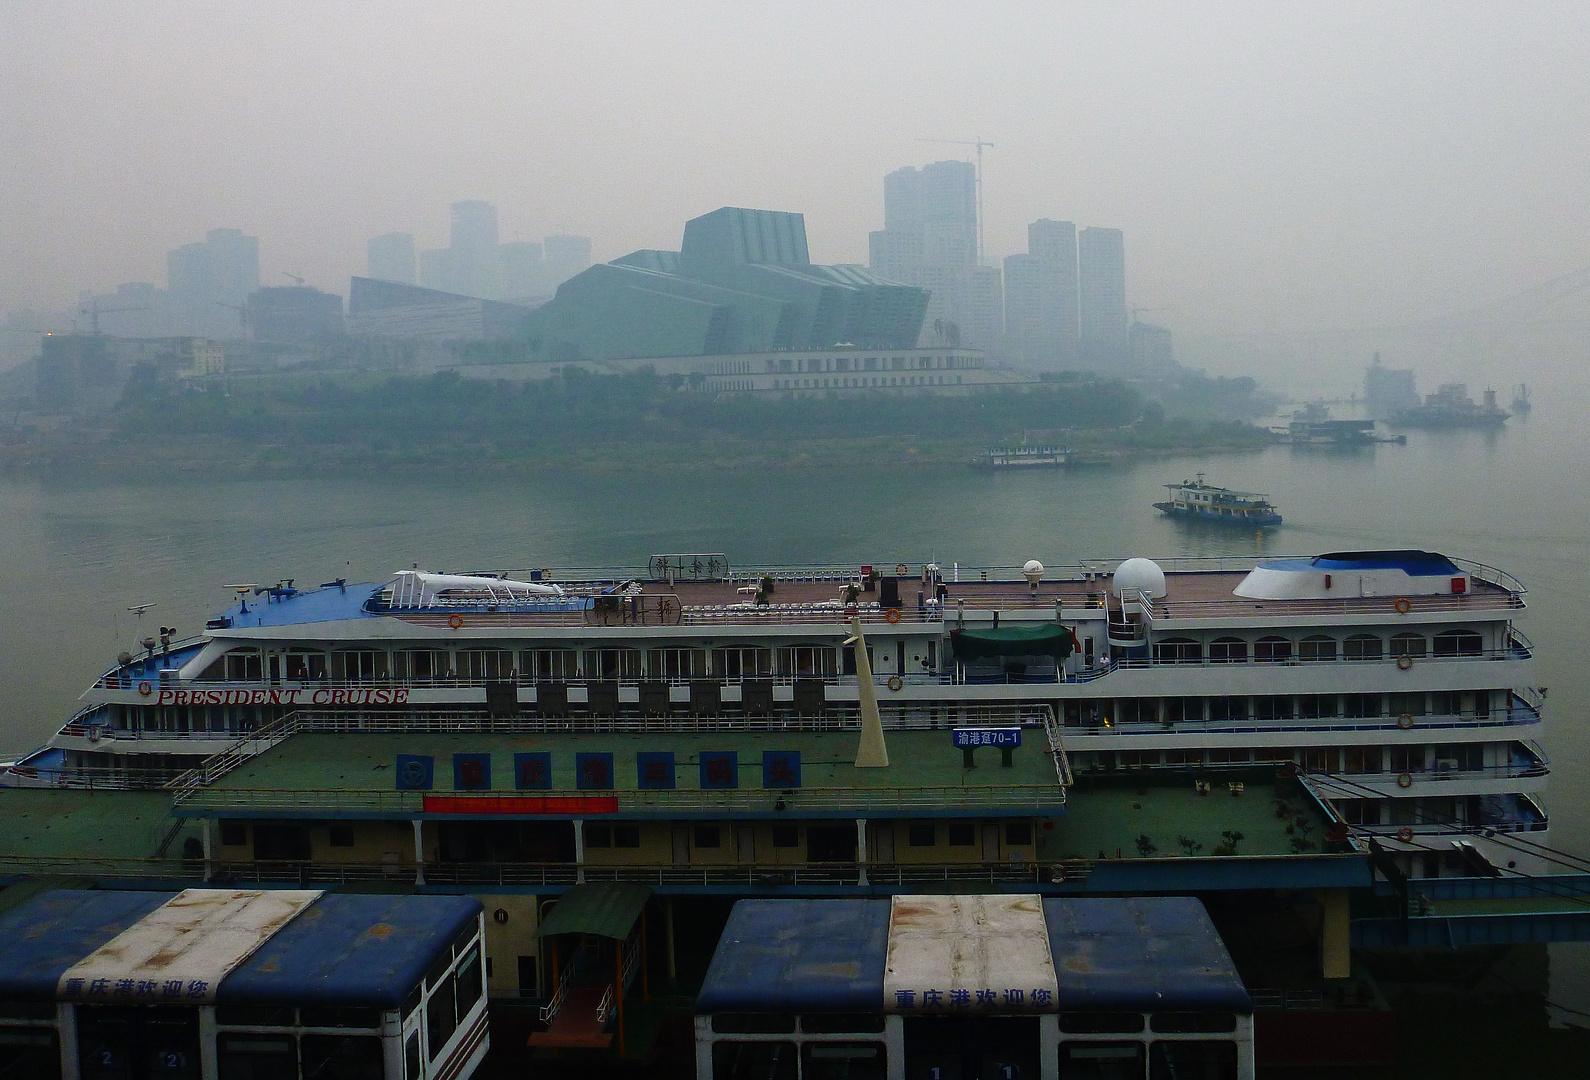 Anlandung in Chongqing